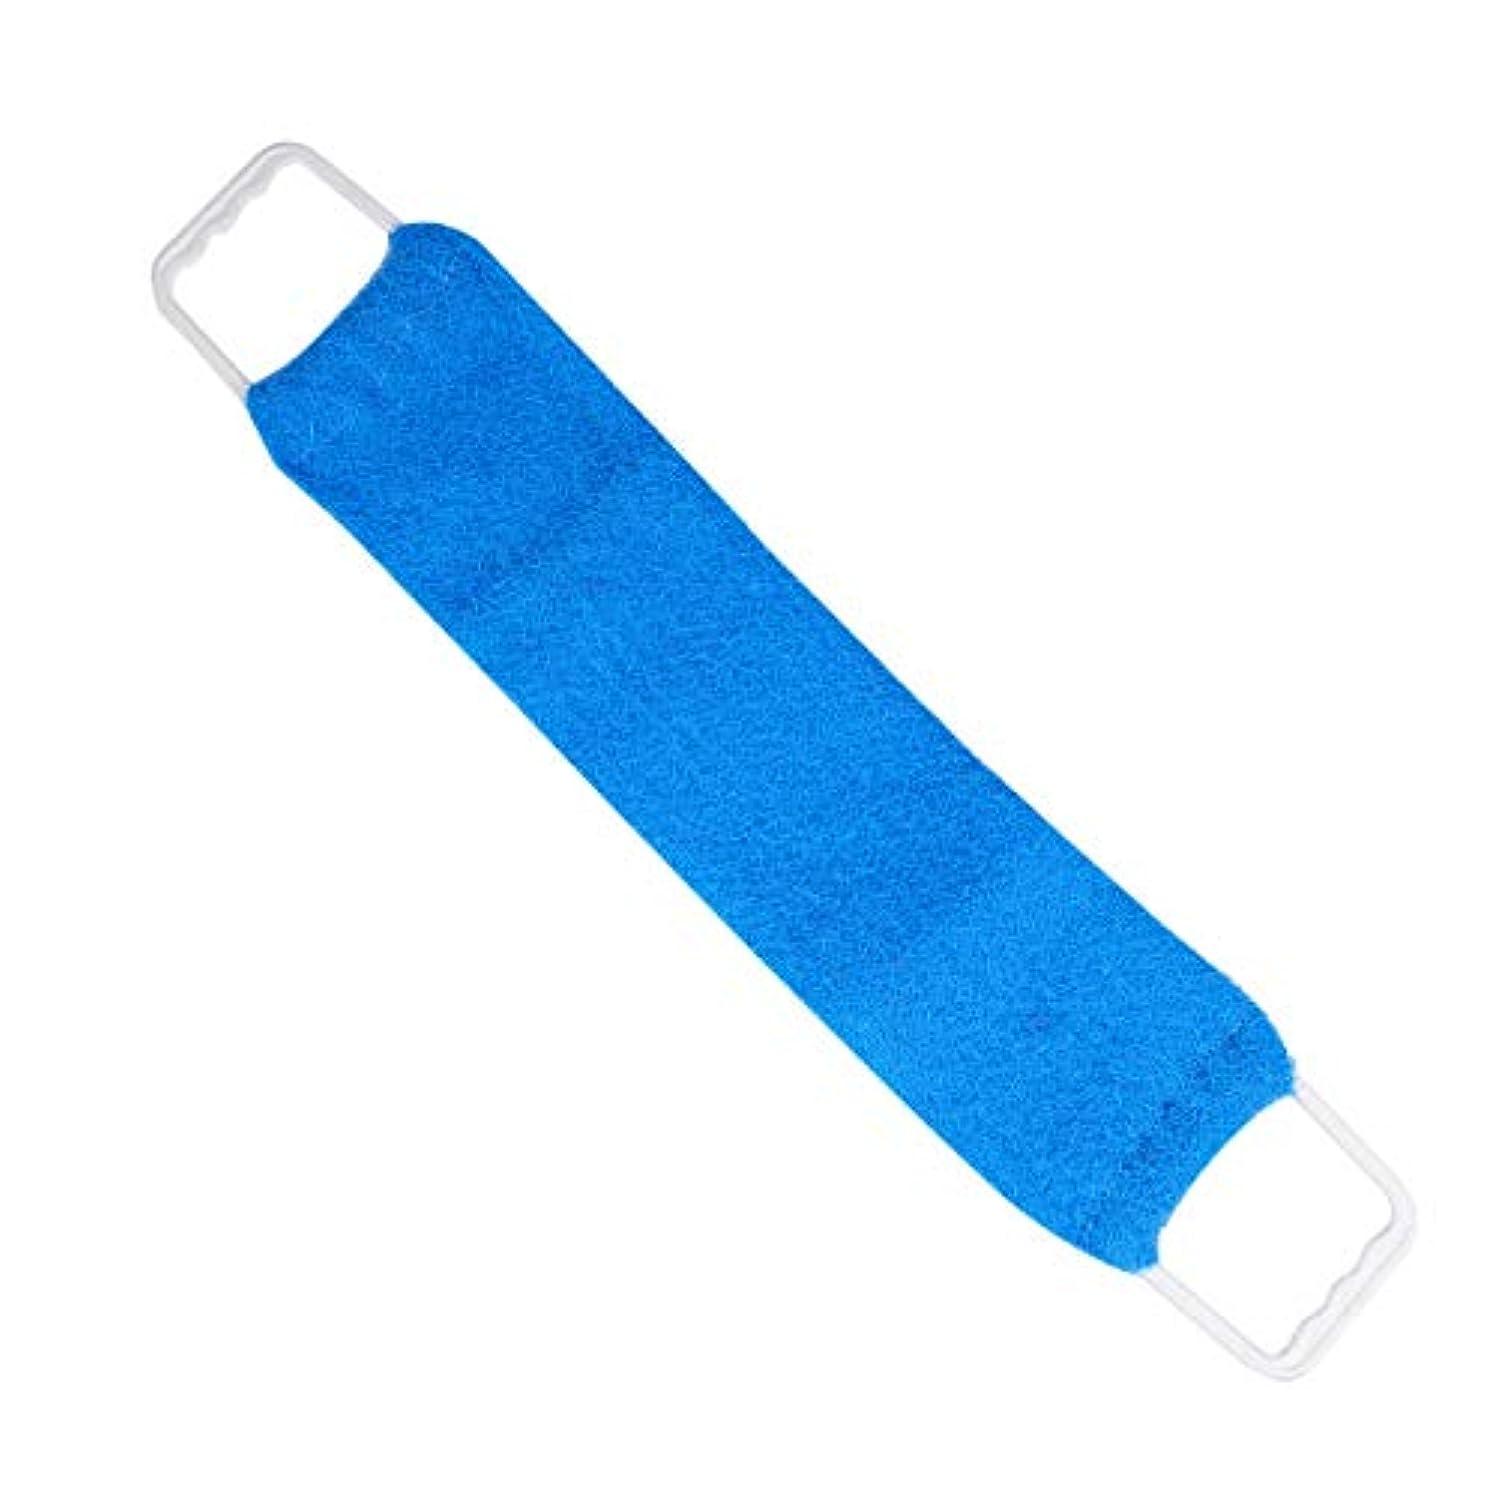 阻害する面積パーティーHealifty ビューティースキンウォッシュクロスバススクラバーラブタオル両面引き剥がしストリップシャワーラブバックベルトバスタオル(ランダムカラー)